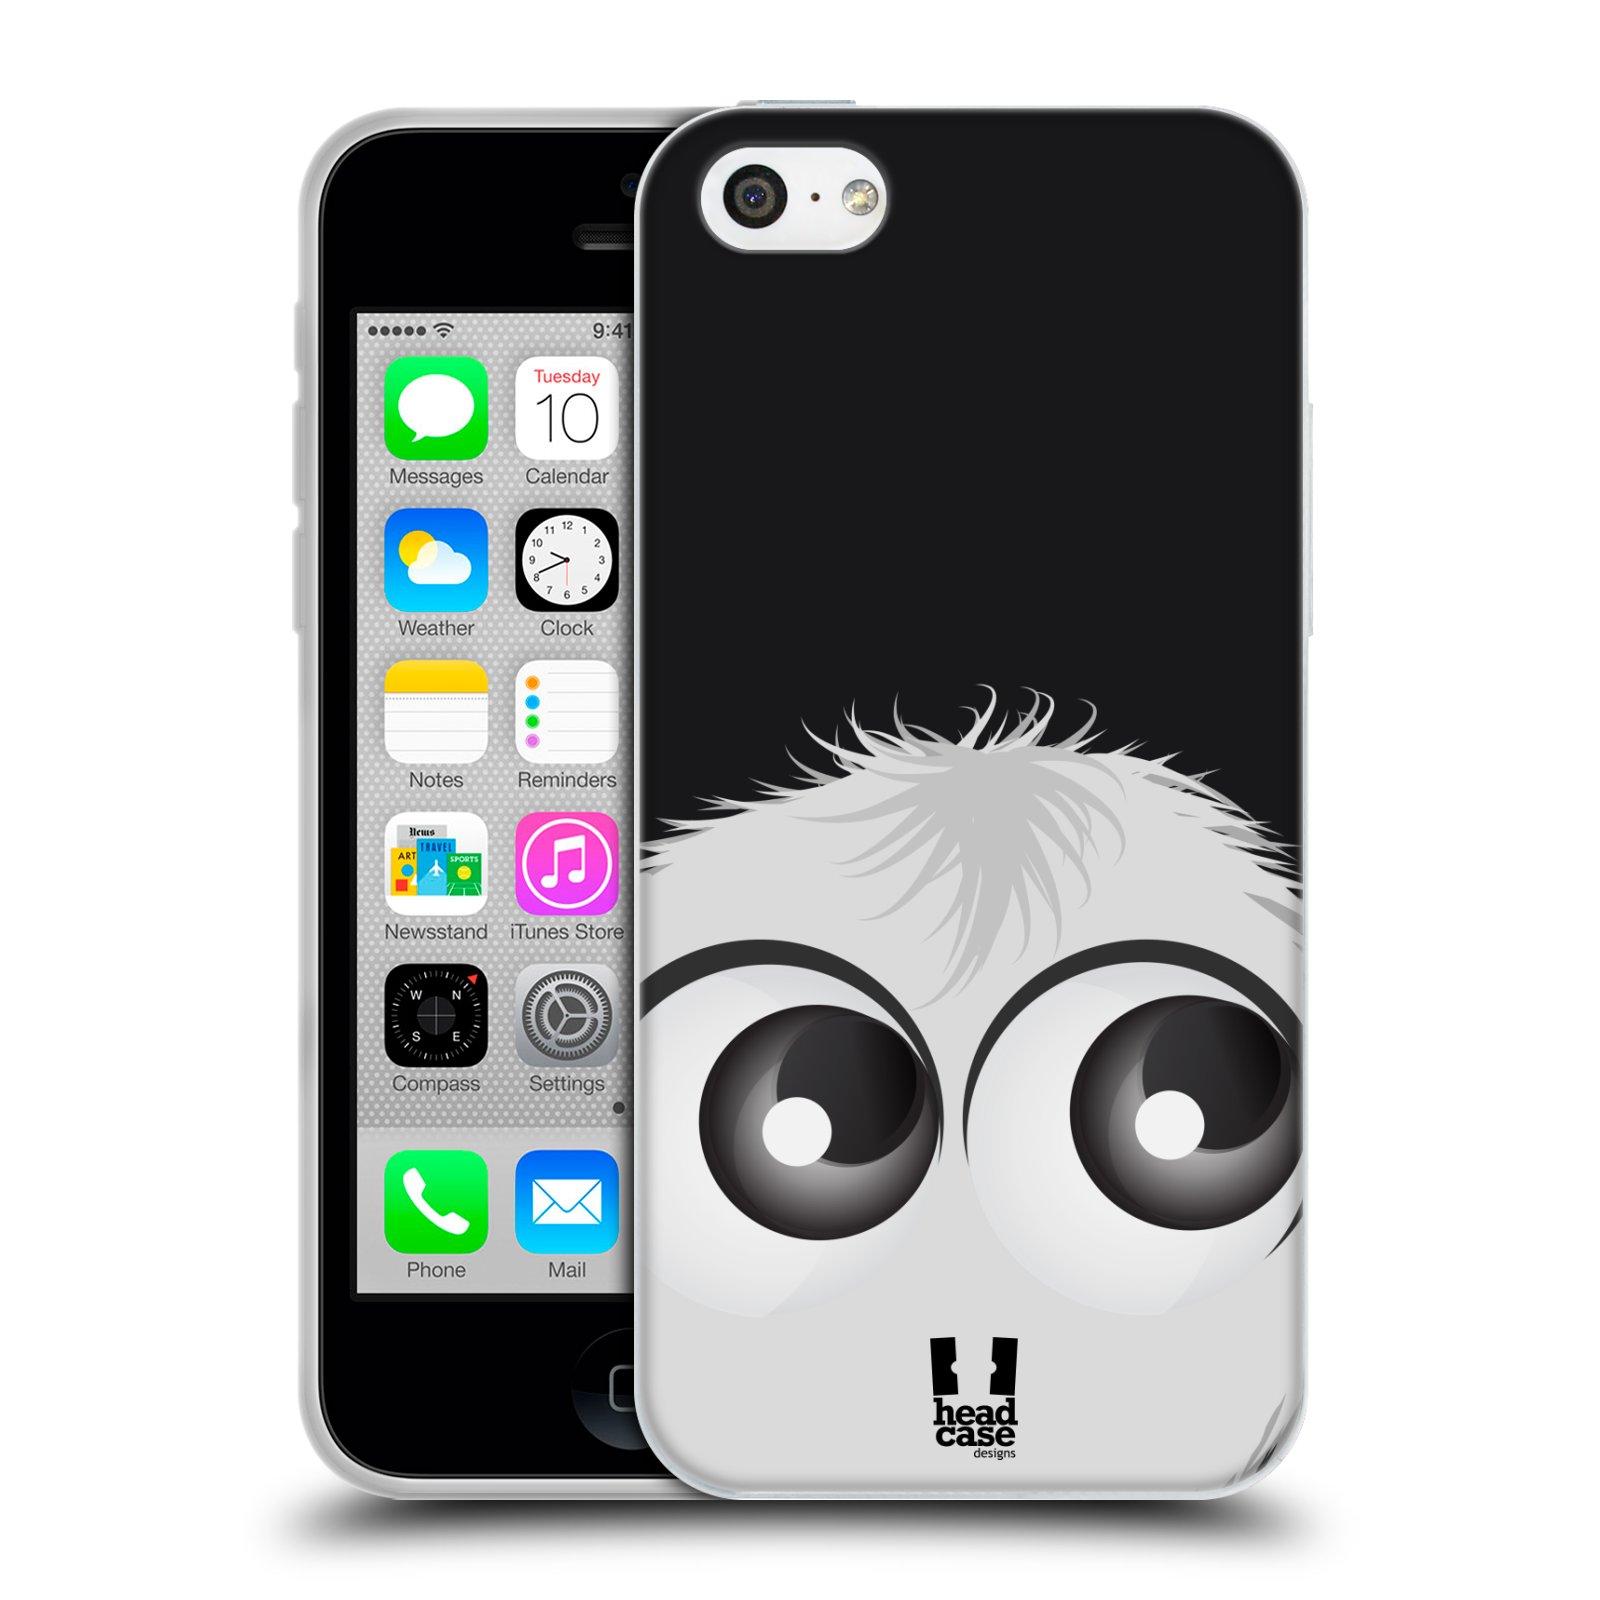 HEAD CASE silikonový obal na mobil Apple Iphone 5C vzor Barevný chlupatý smajlík BÍLÁ černé pozadí